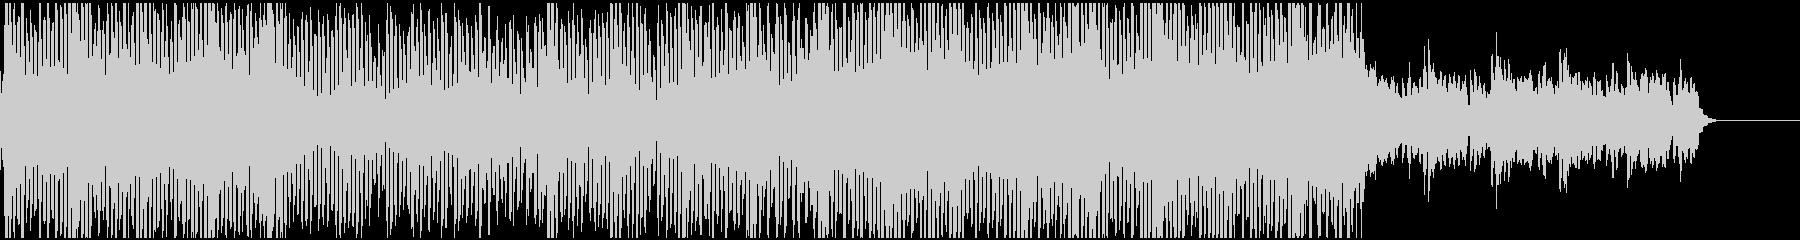 シャンシャン系〜幸せのクリスマスBGMの未再生の波形